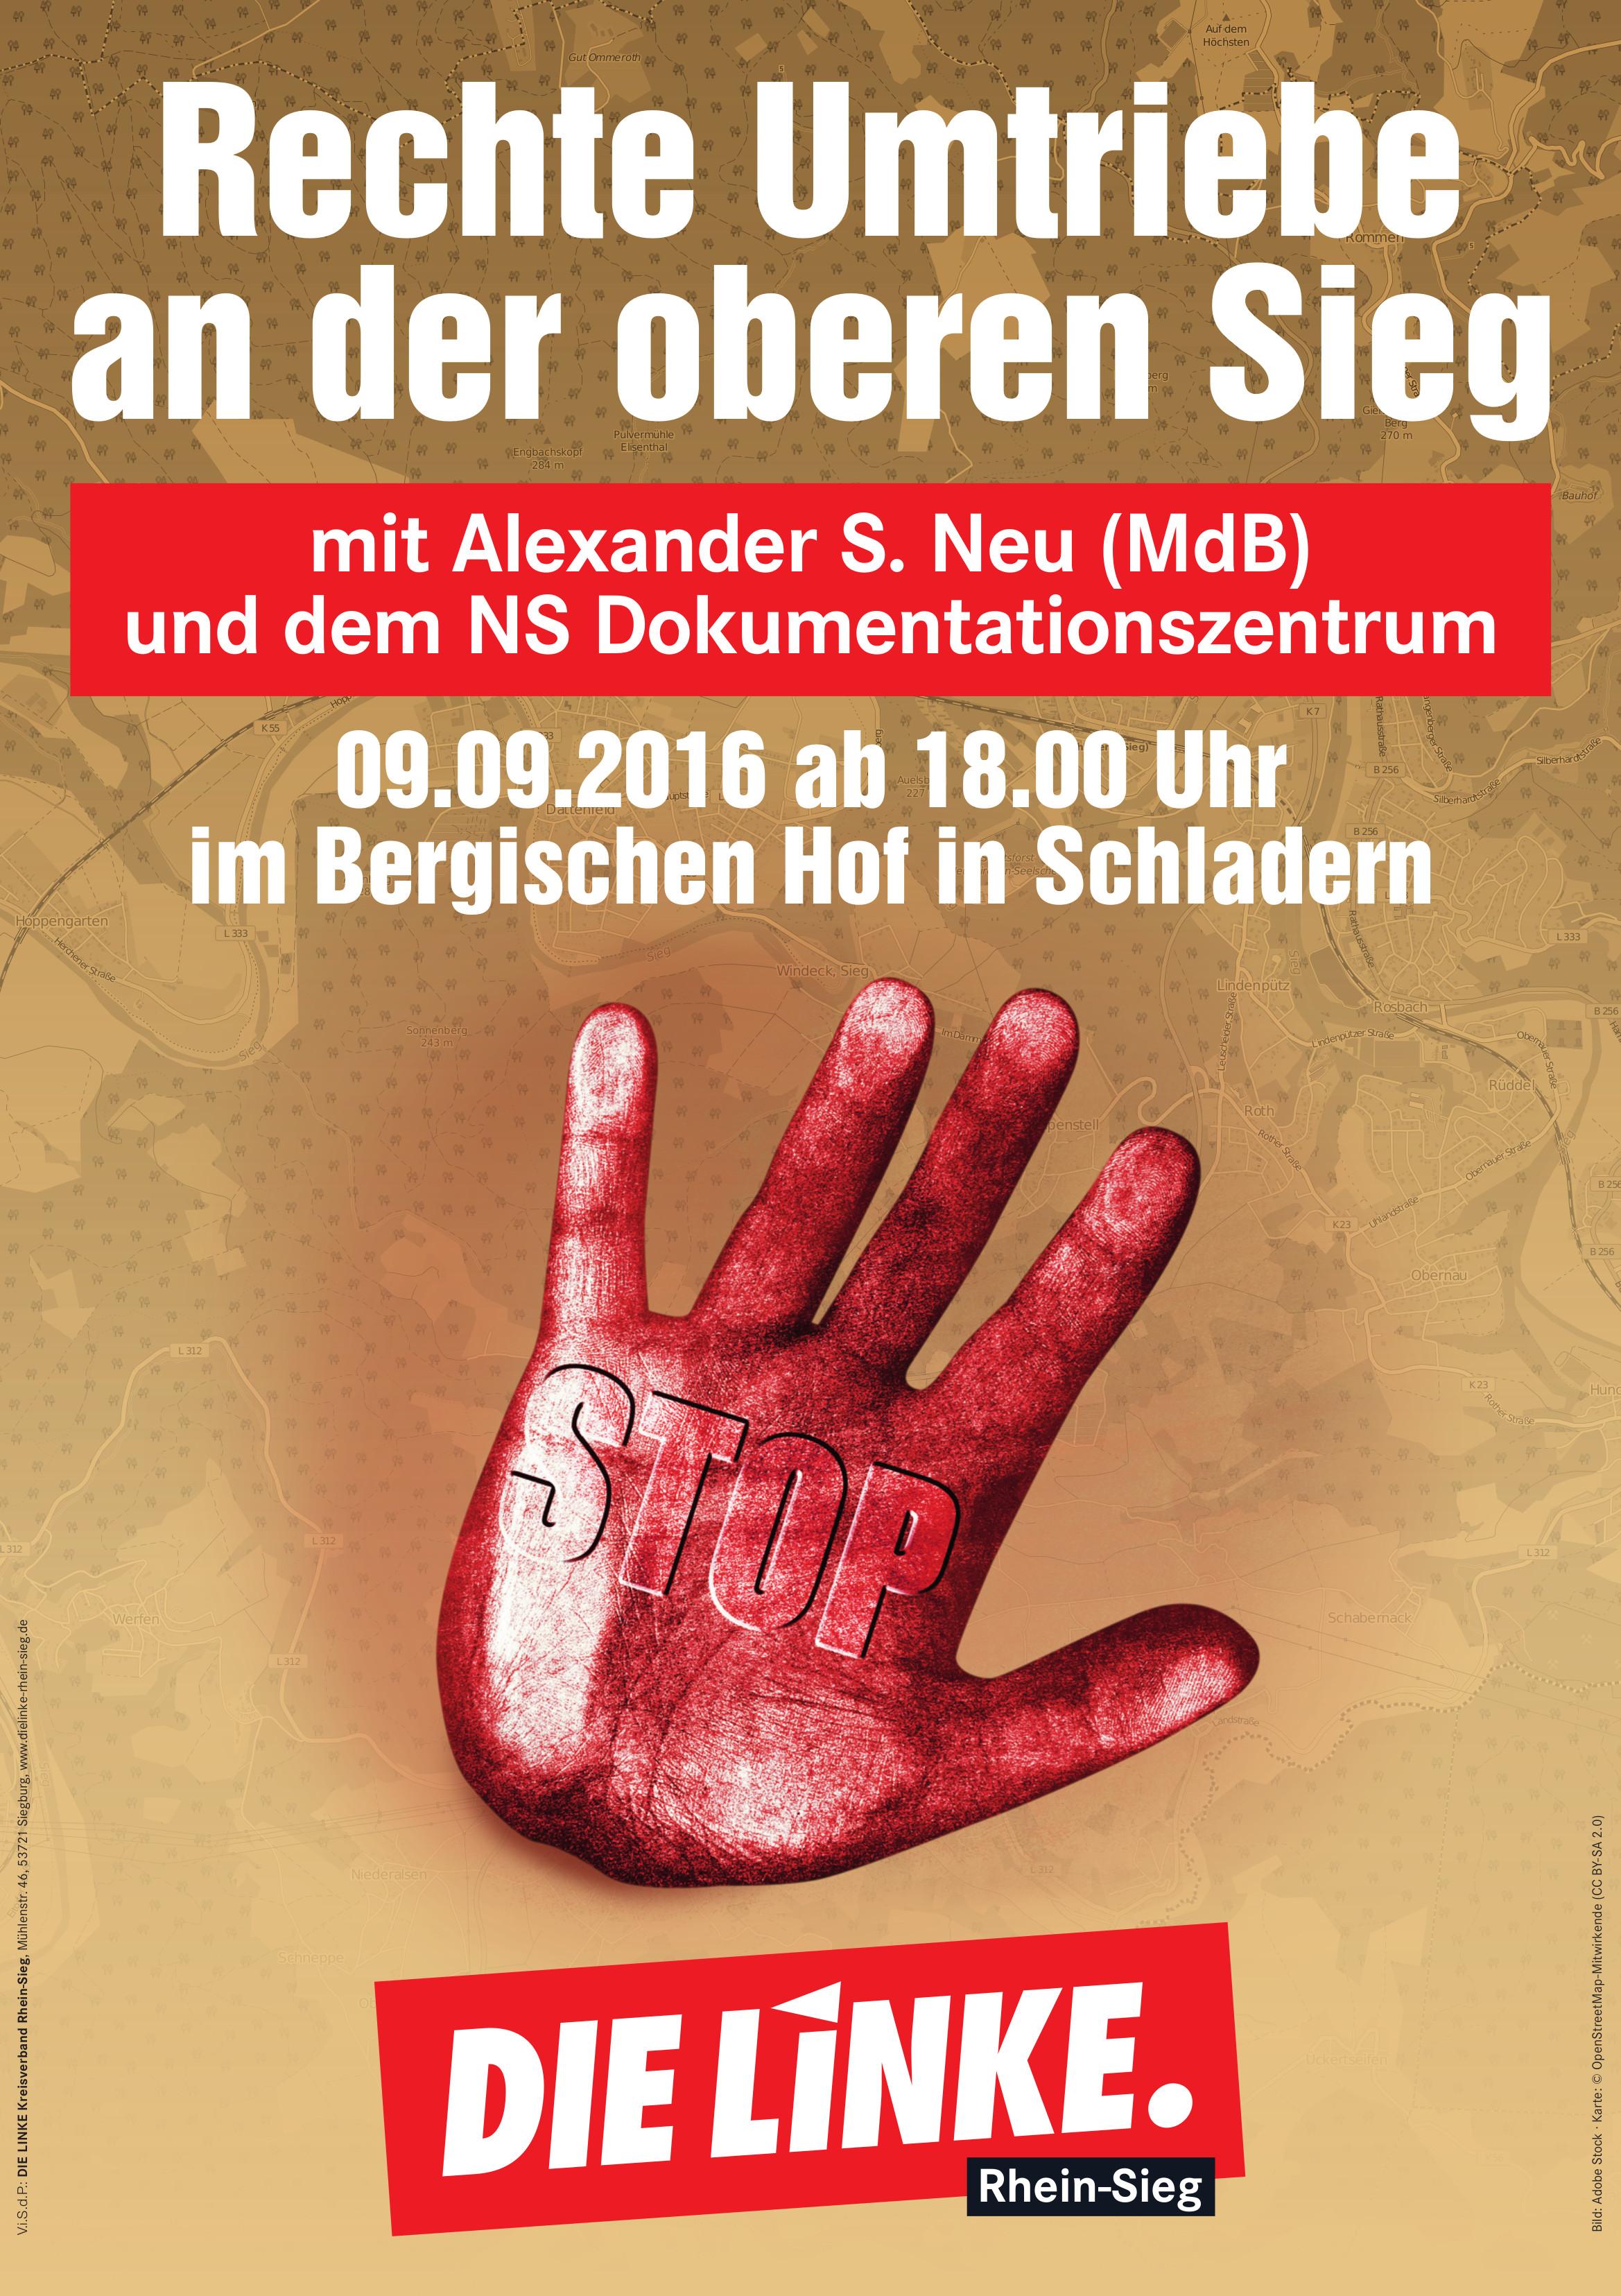 Plakat Rechte Umtriebe